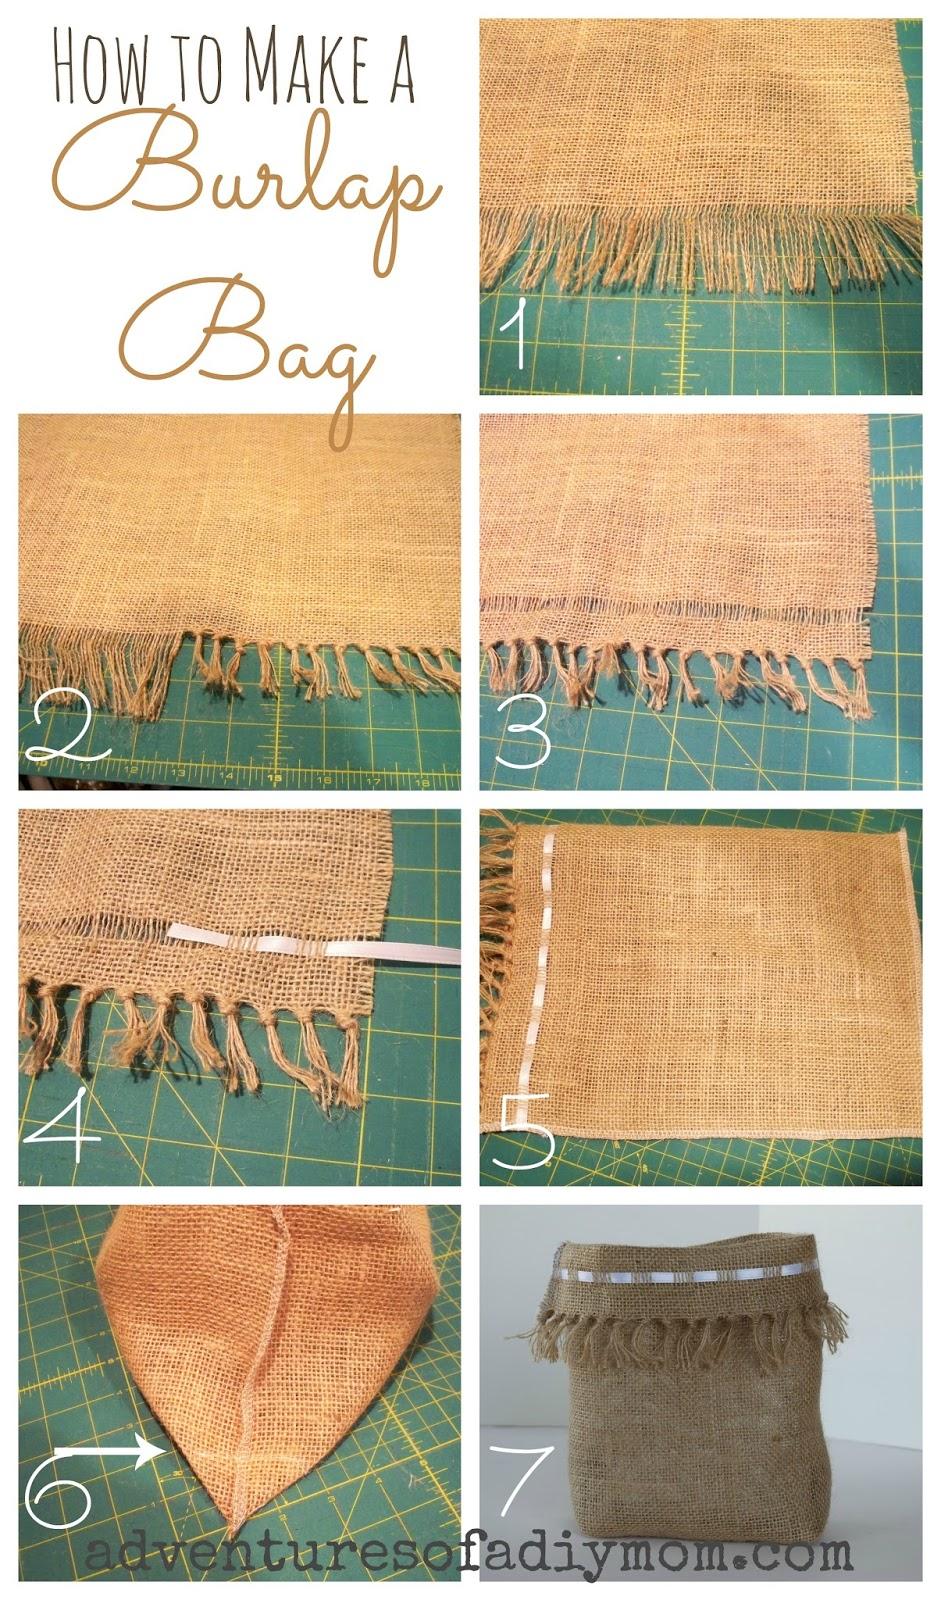 How to Make a Burlap Bag